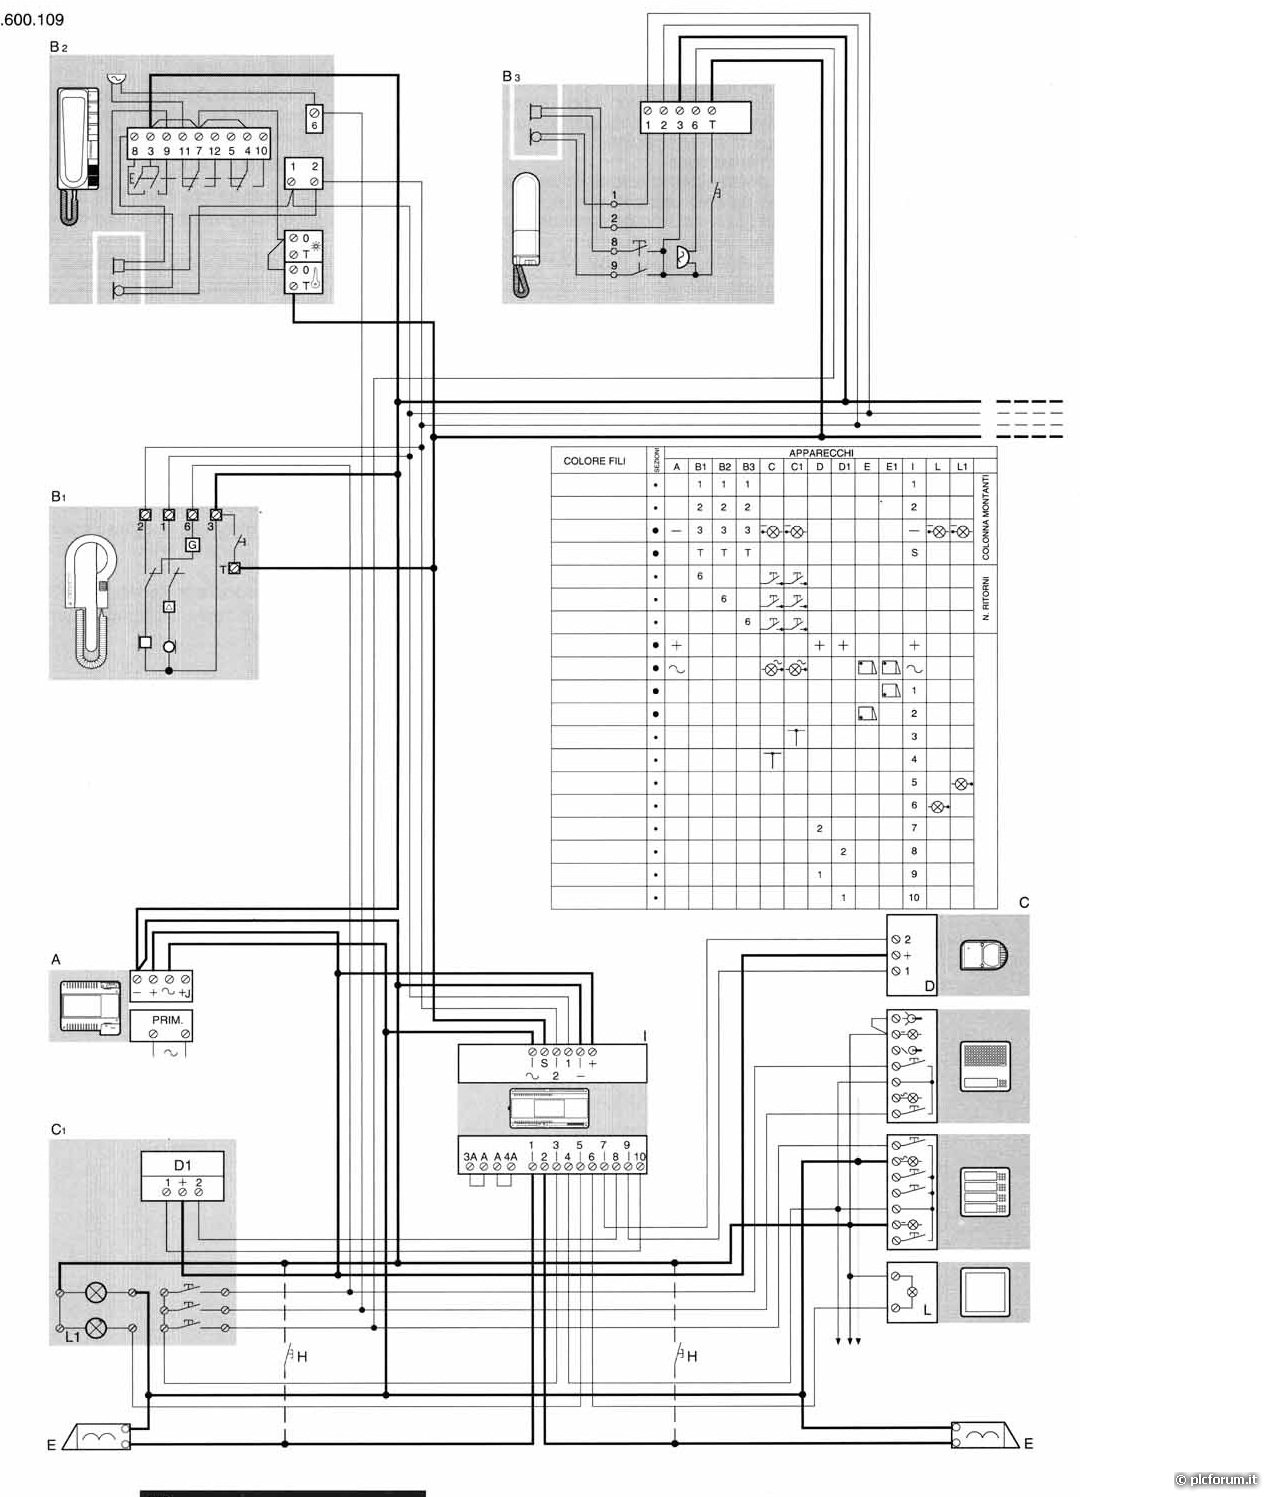 Schema Elettrico Citofono Bticino Terraneo 600ws : Aggiunta di un posto esterno terranep citofoni